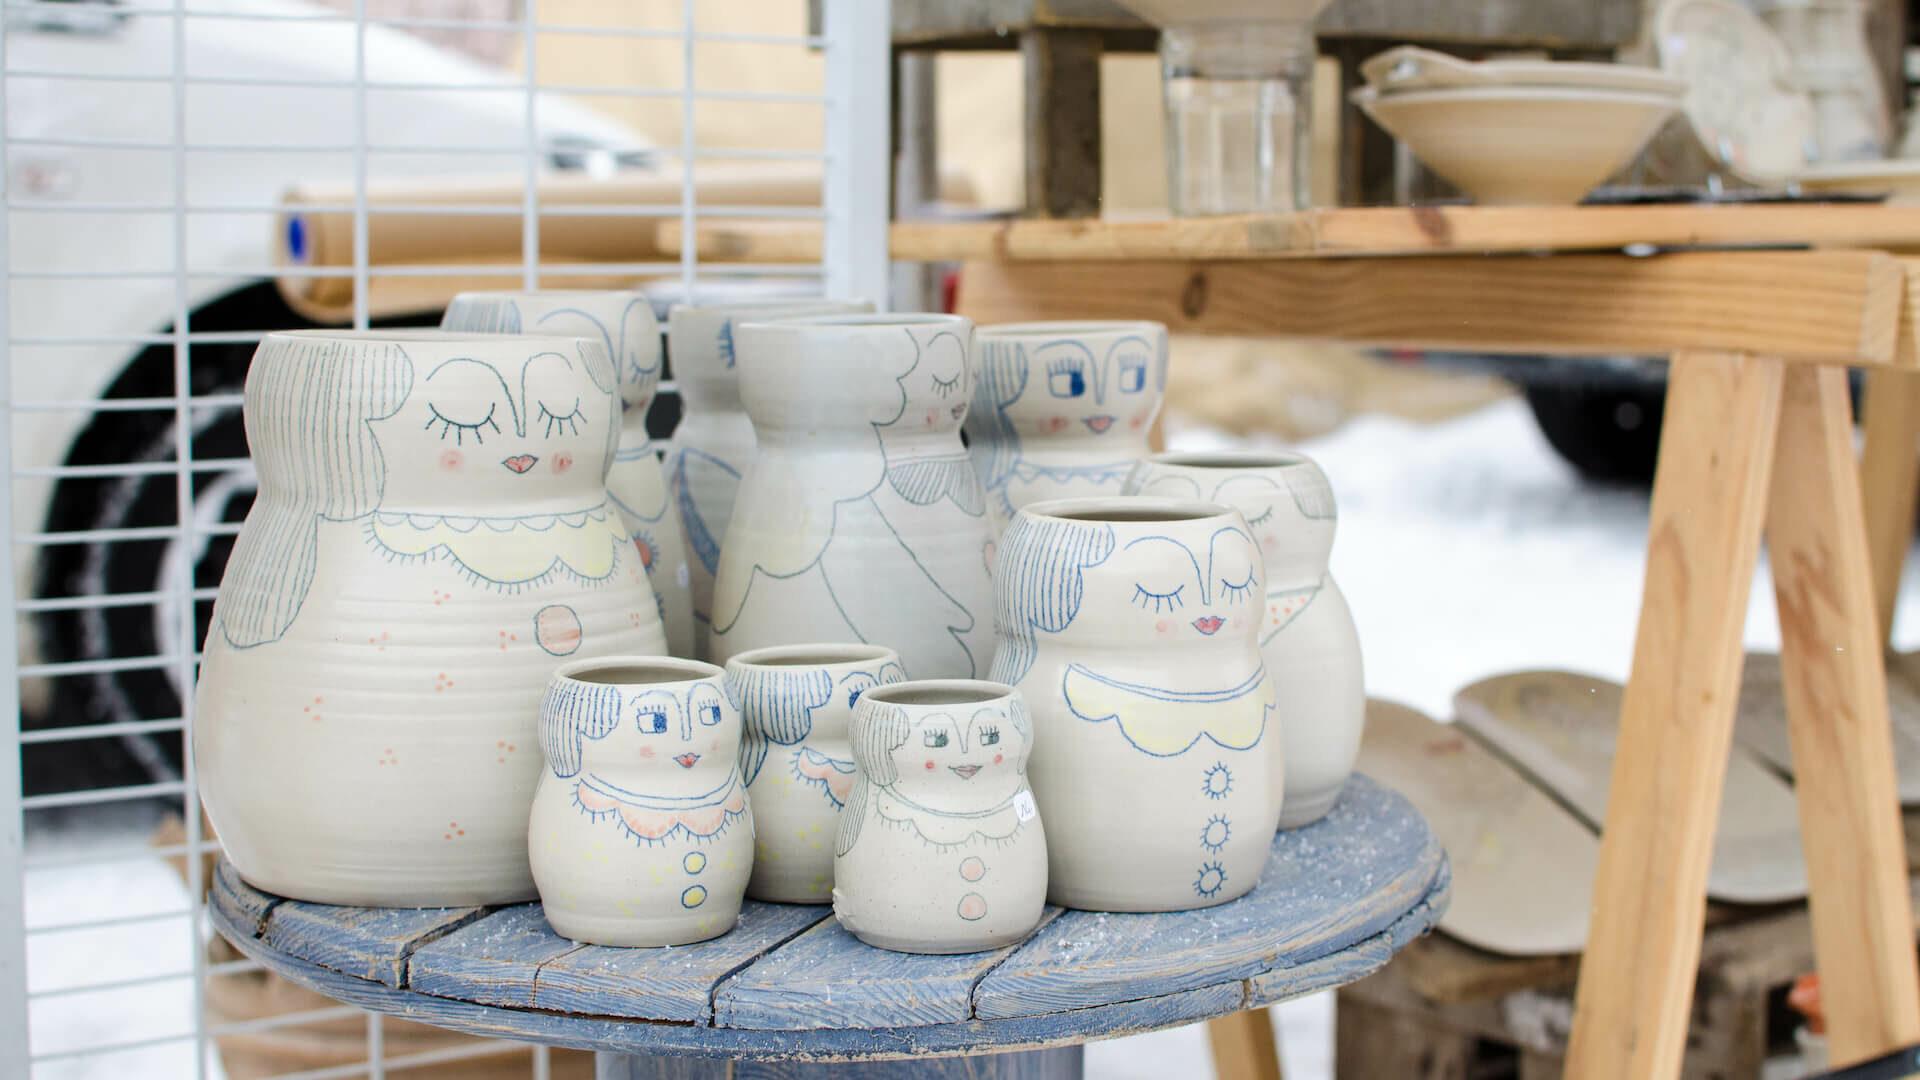 Etal de marché avec poteries